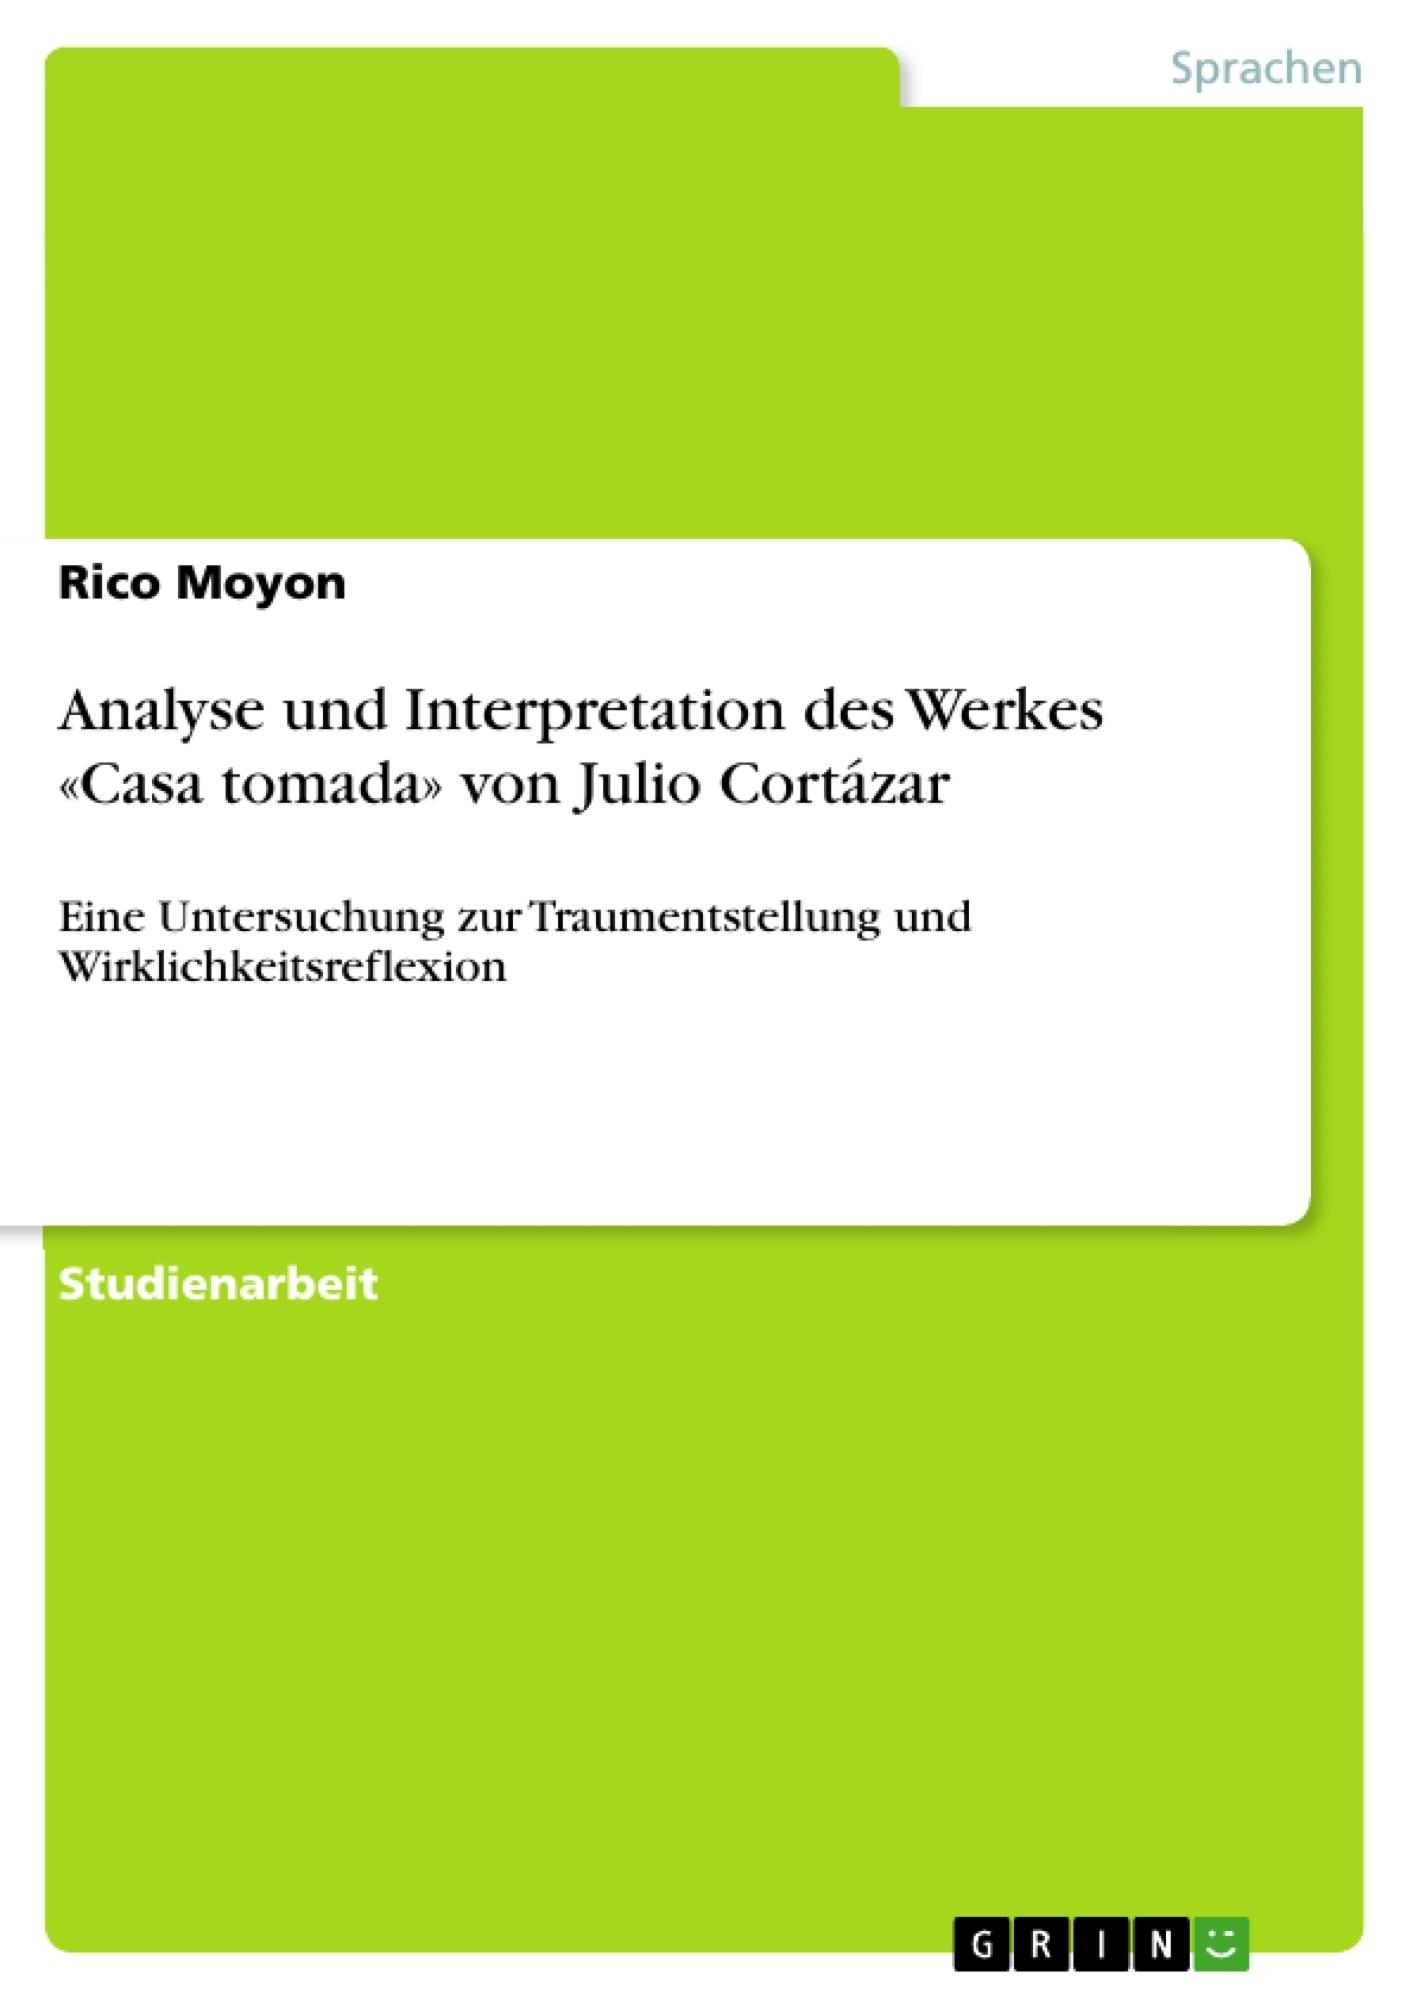 Titel: Analyse und Interpretation des Werkes «Casa tomada» von Julio Cortázar